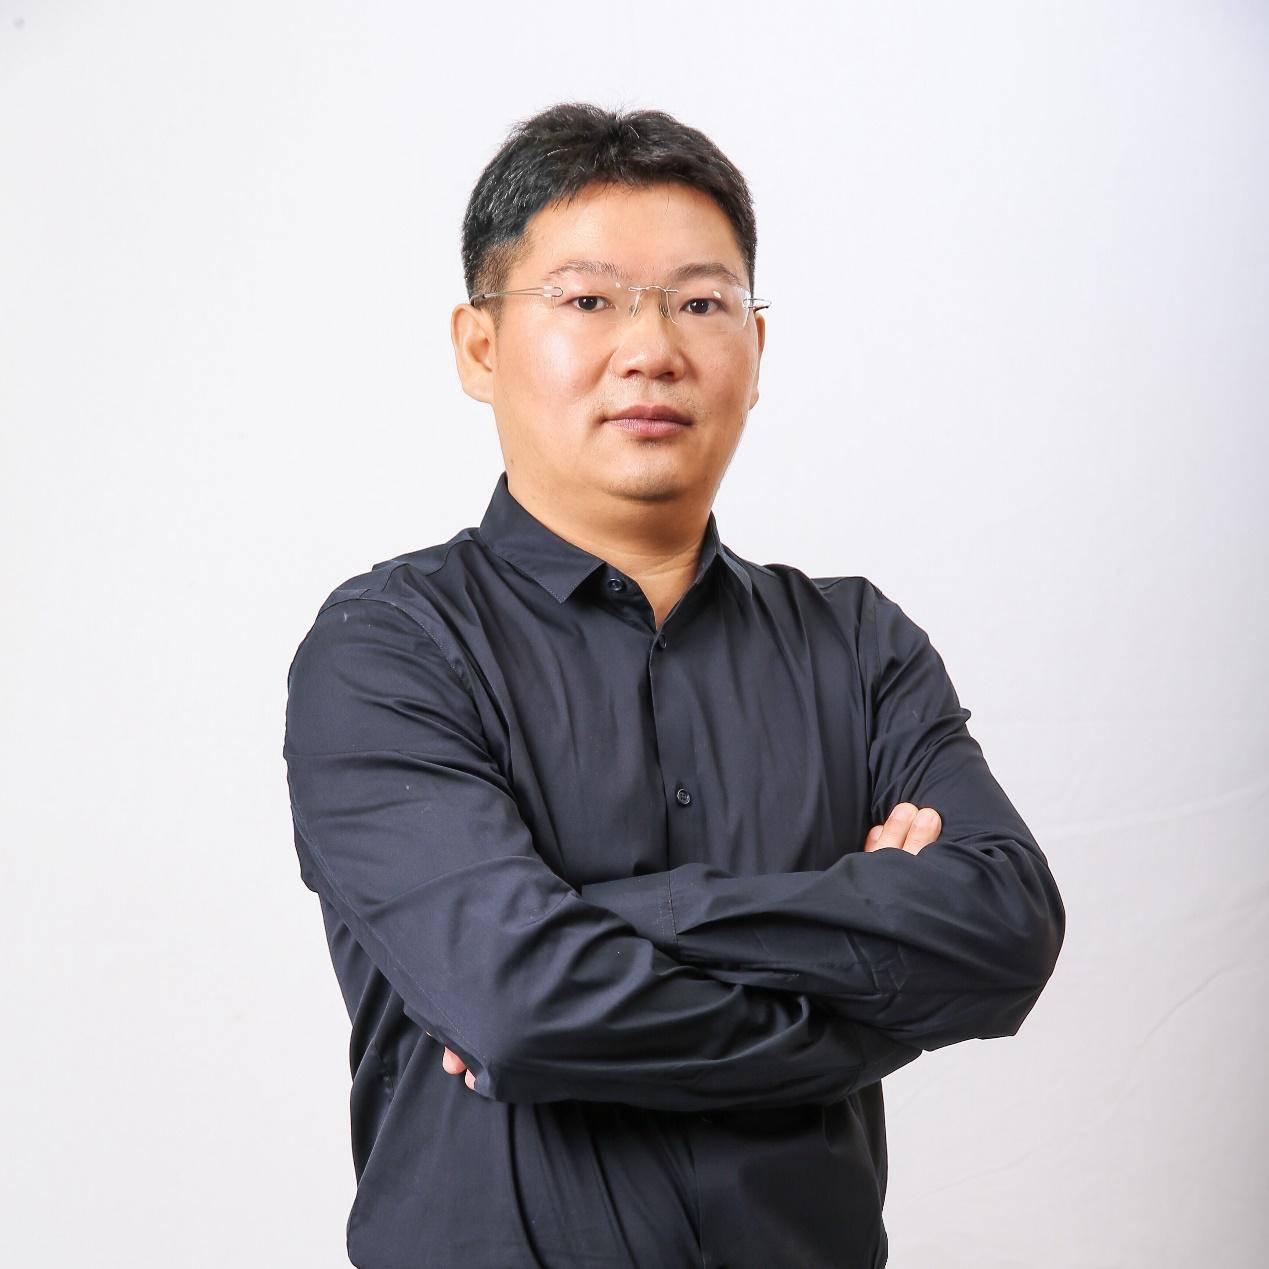 携程晋升熊星为国际执行副总裁 首席营销官孙波也获提升